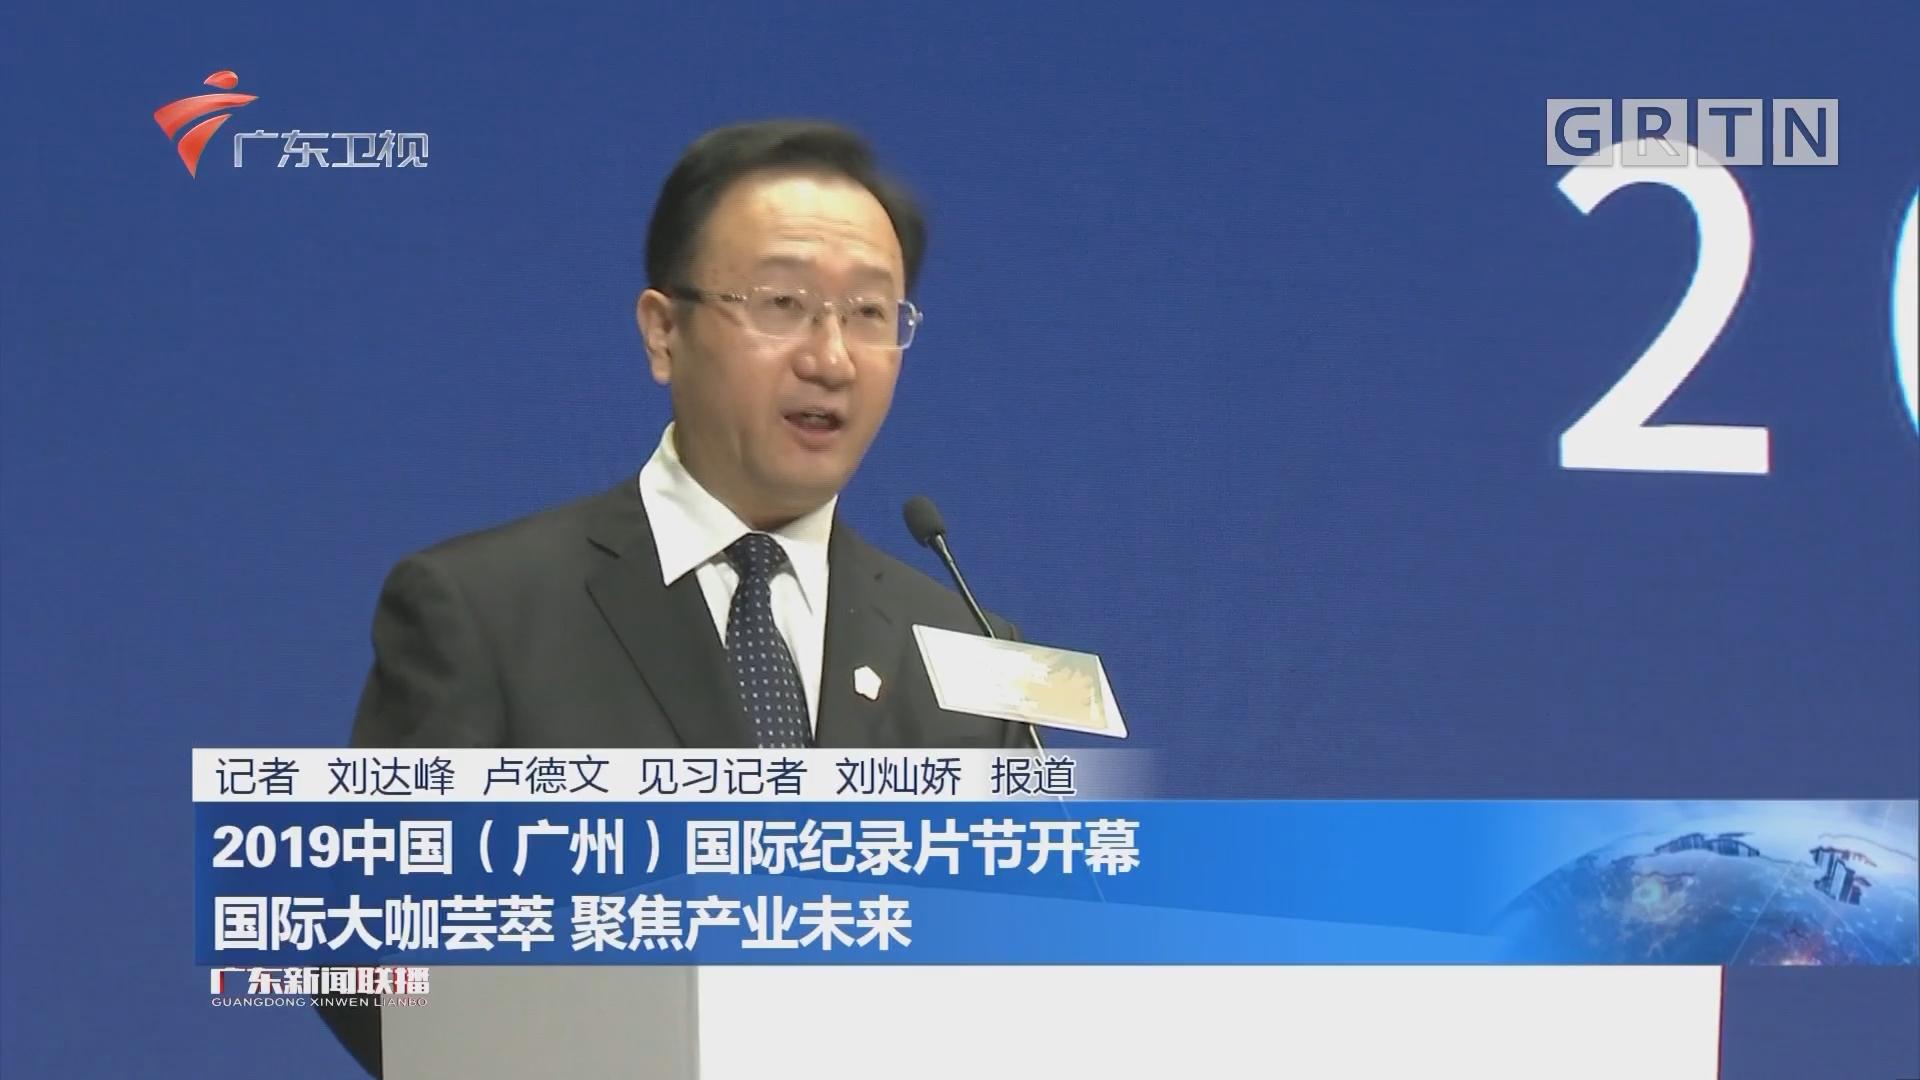 2019中国(广州)国际纪录片节开幕 国际大咖芸萃 聚焦产业未来